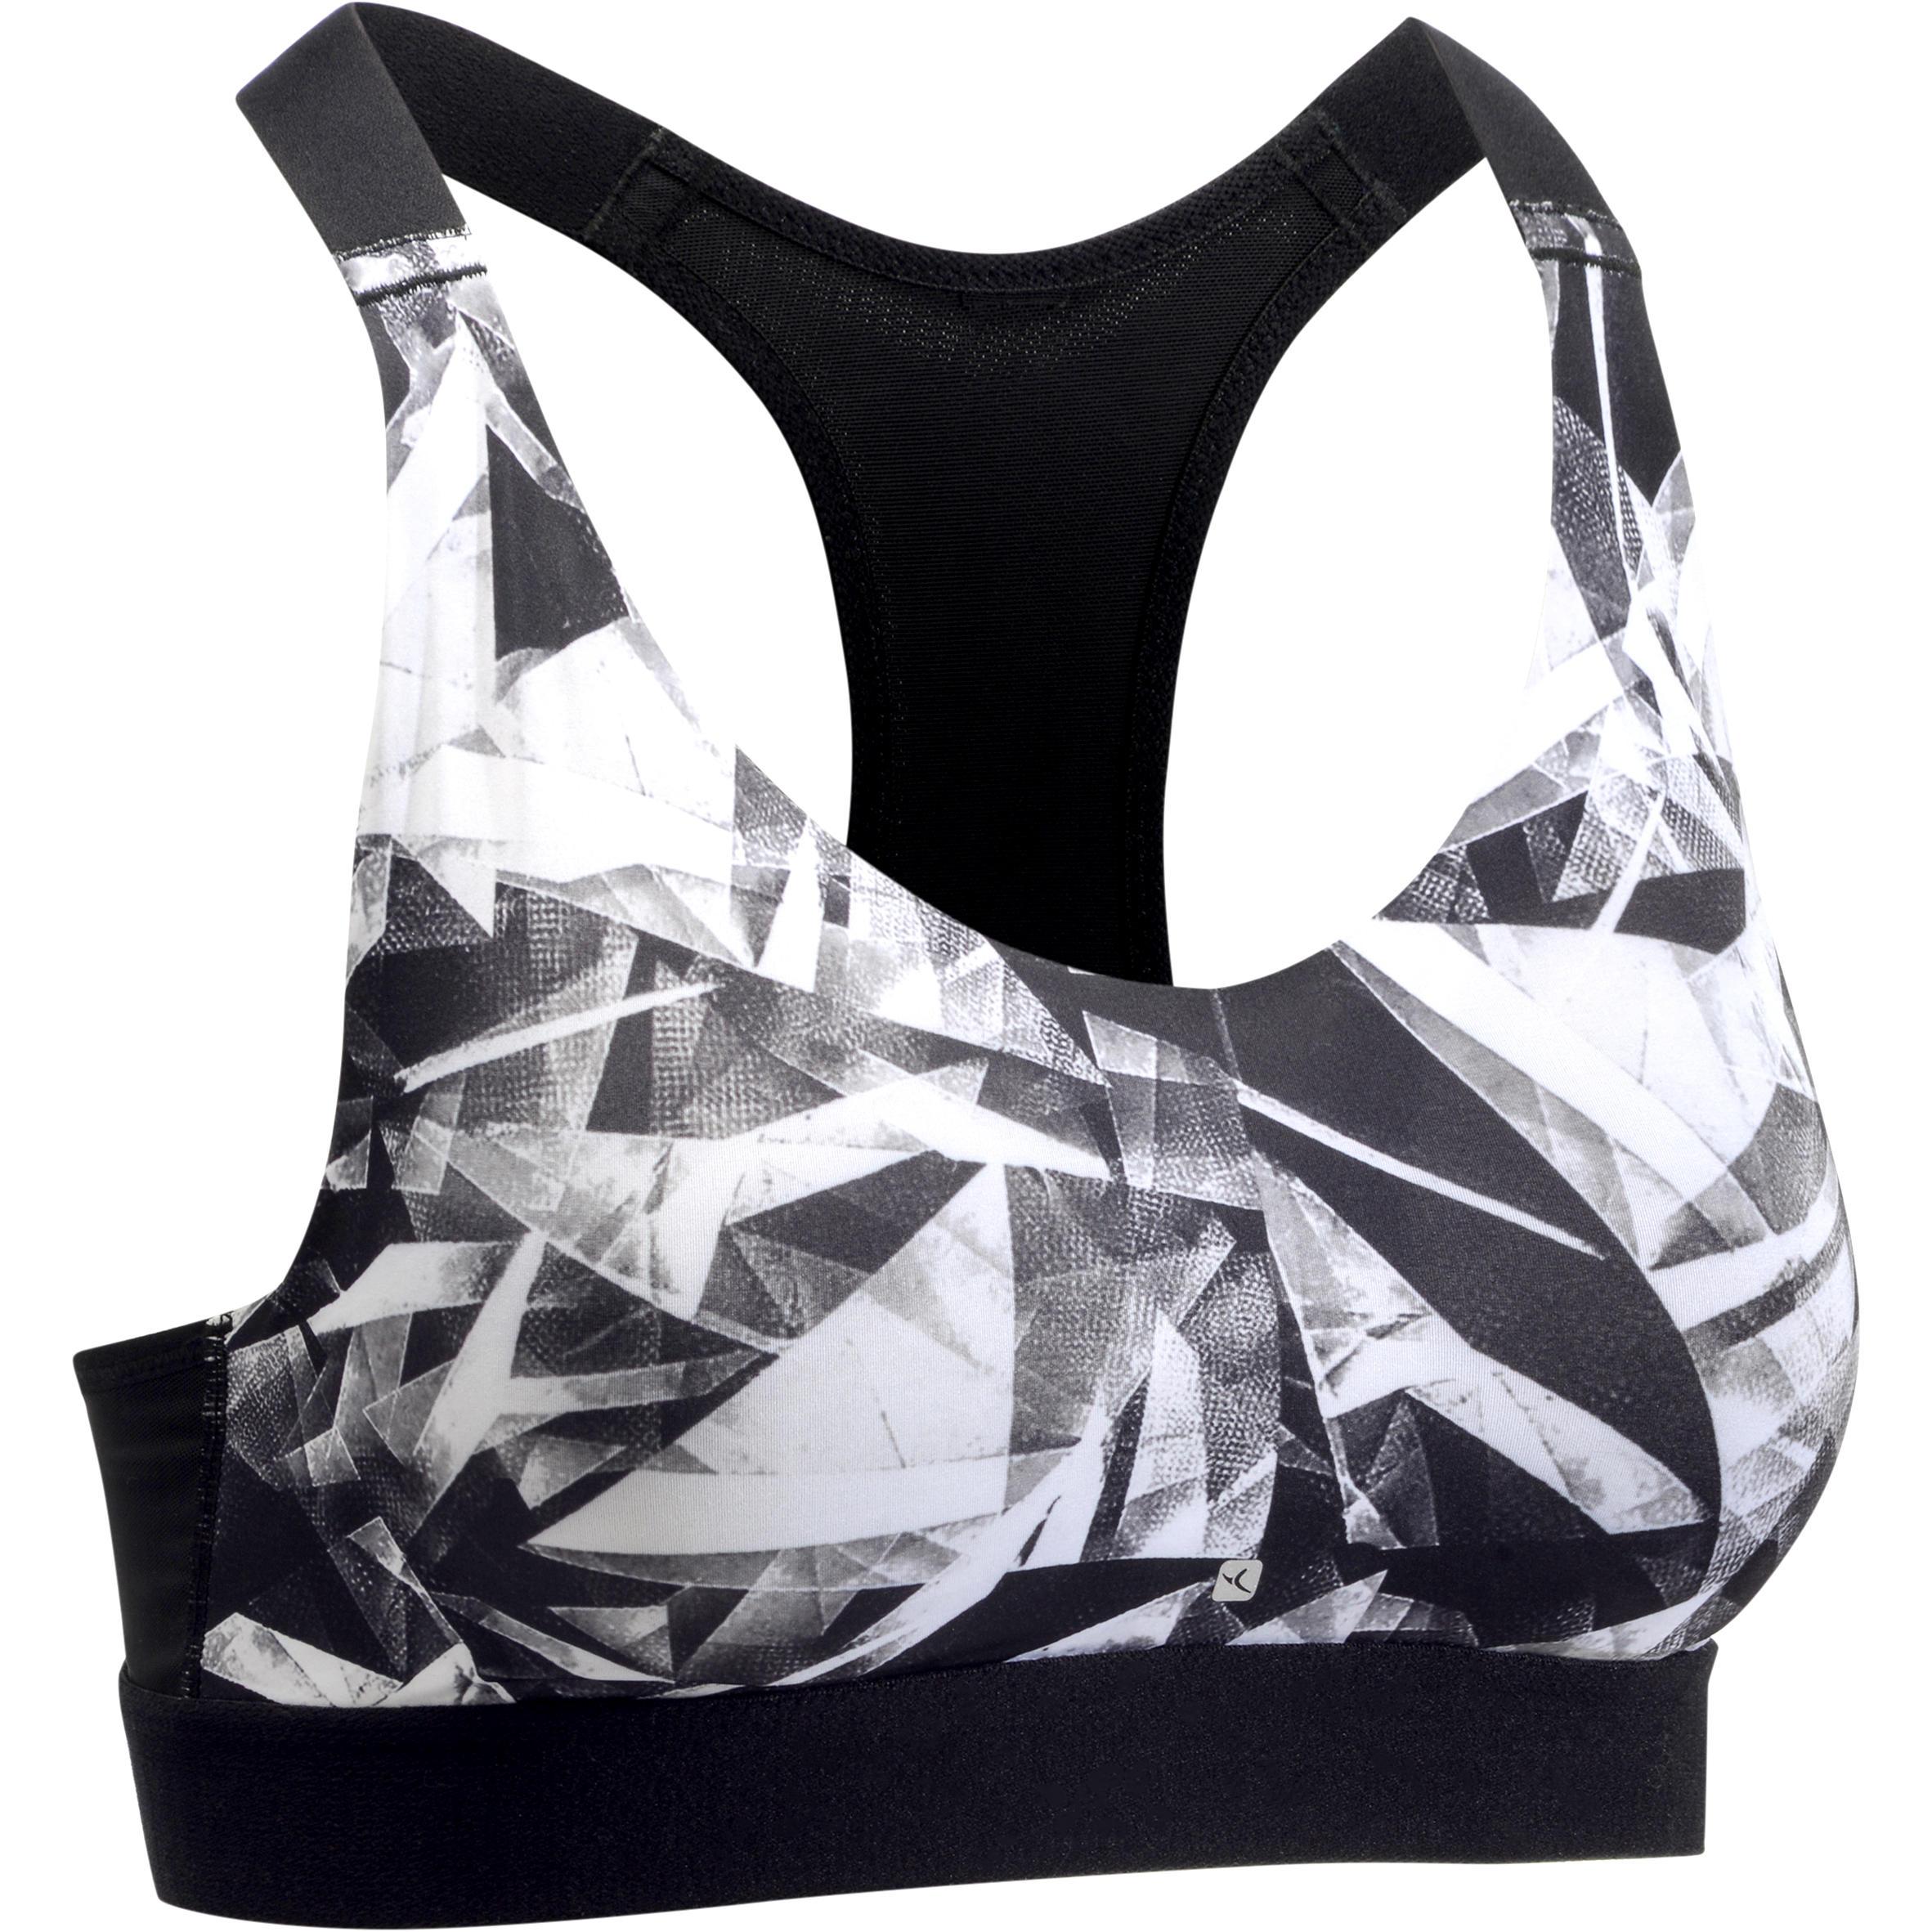 Brassiere-top fitness cardio mujer estampados geométricos negros 500 Domyos